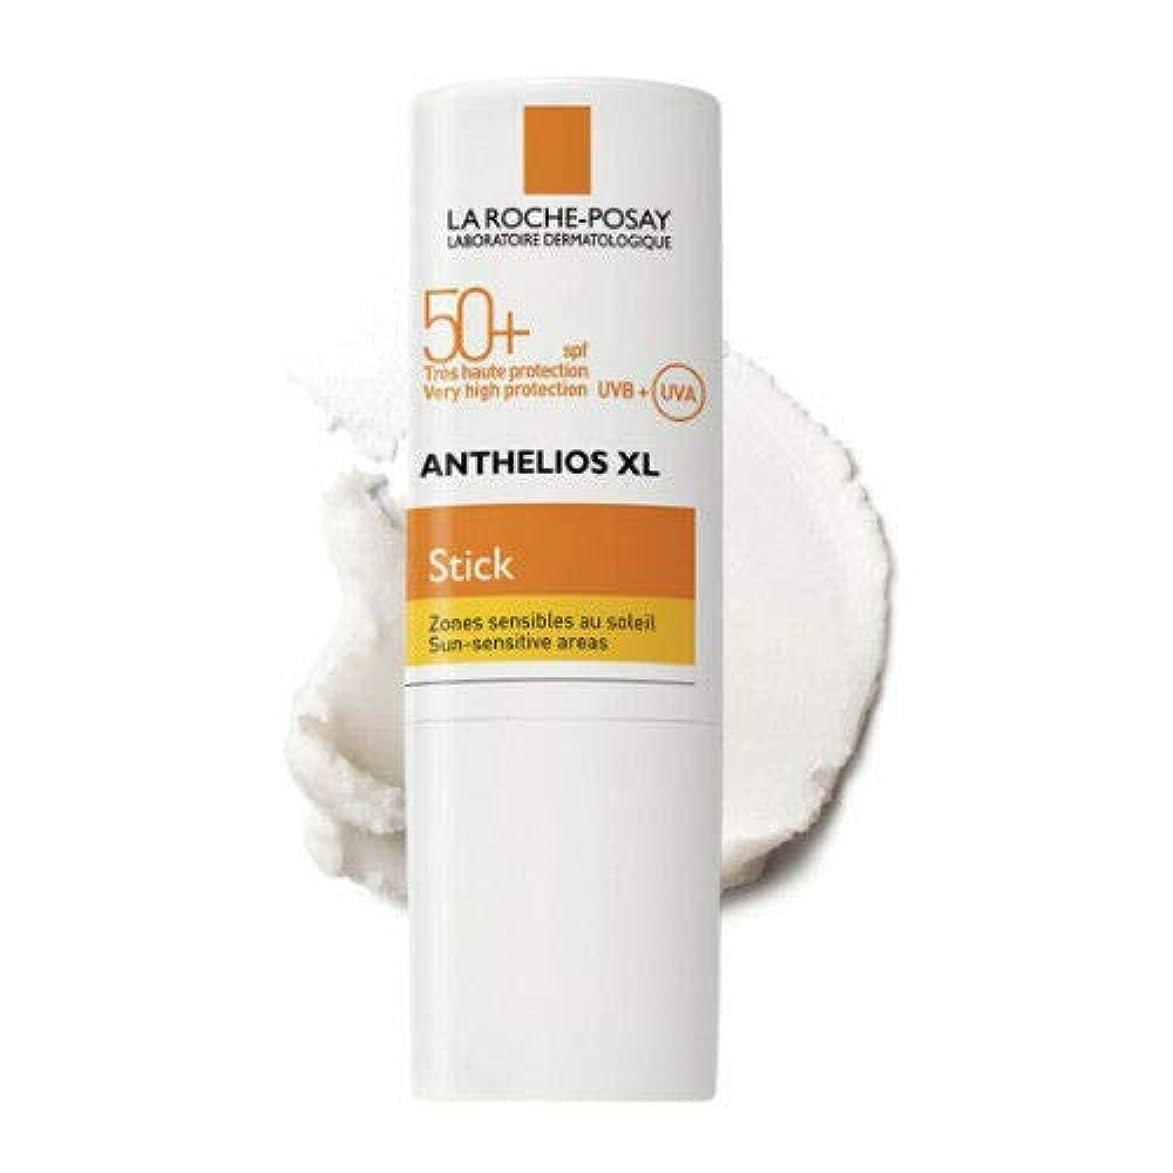 こどもの宮殿笑い白いLA ROCHE-POSAY Anthelios アンテリオス XL Stick サンスティック (9g) SPF50+ PA+++ フランス日焼け止め